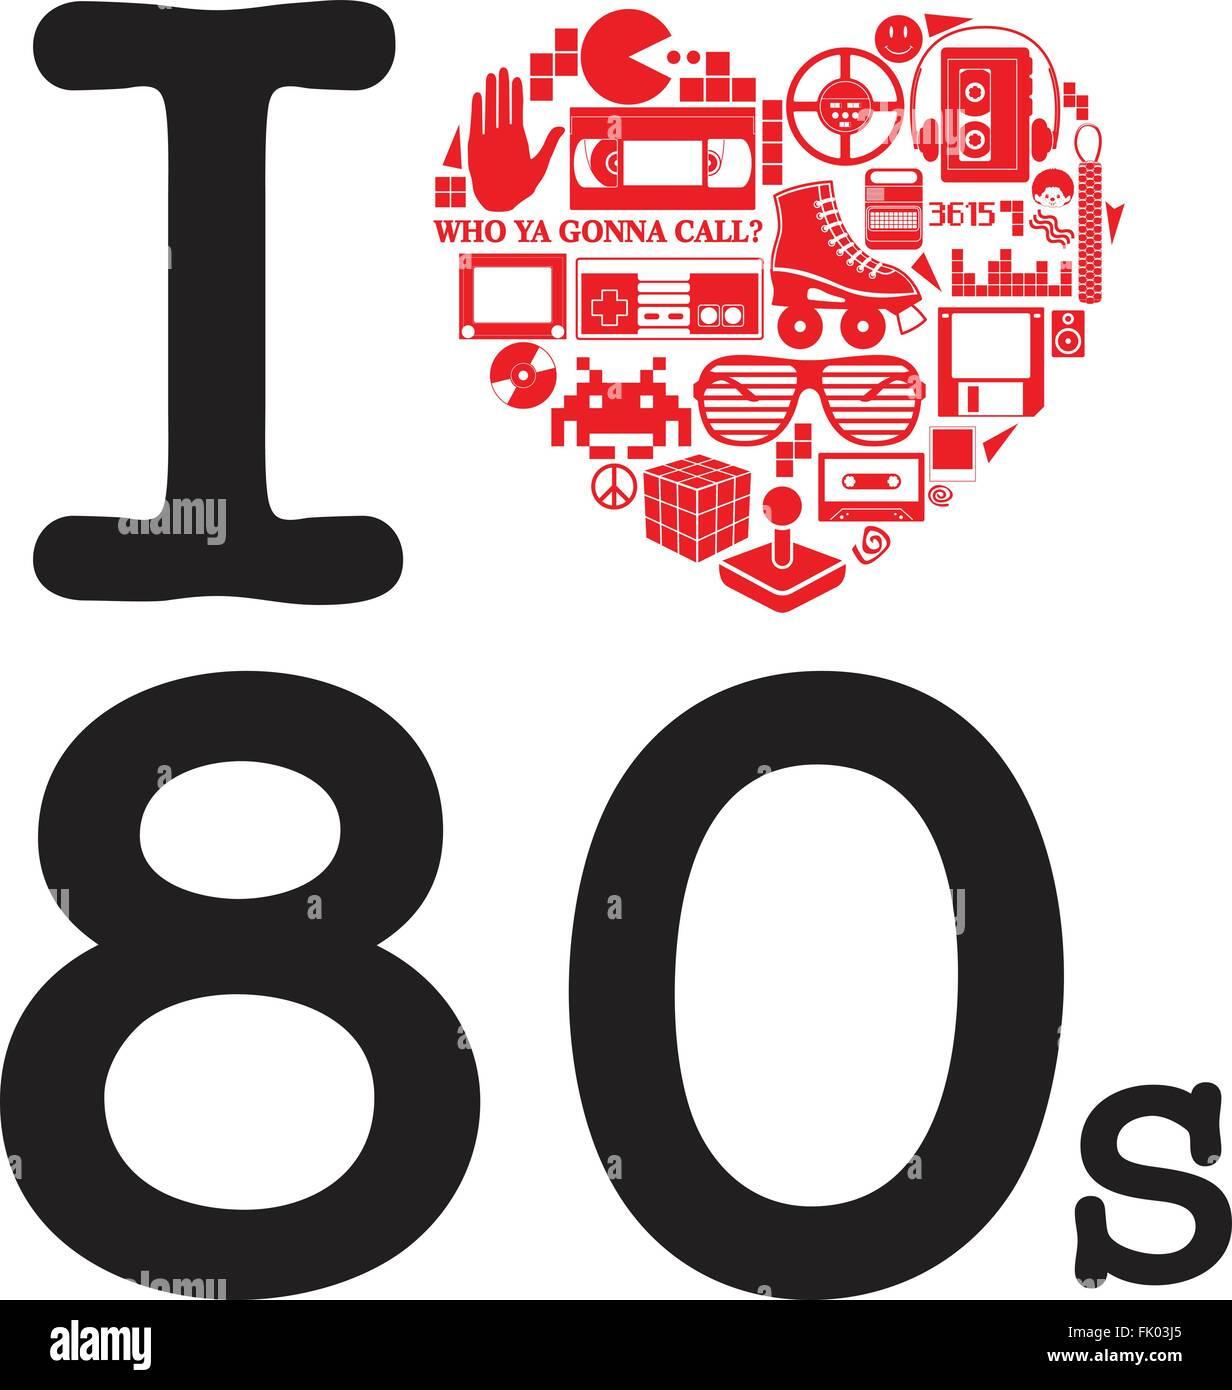 Amo di 80 Immagini Stock